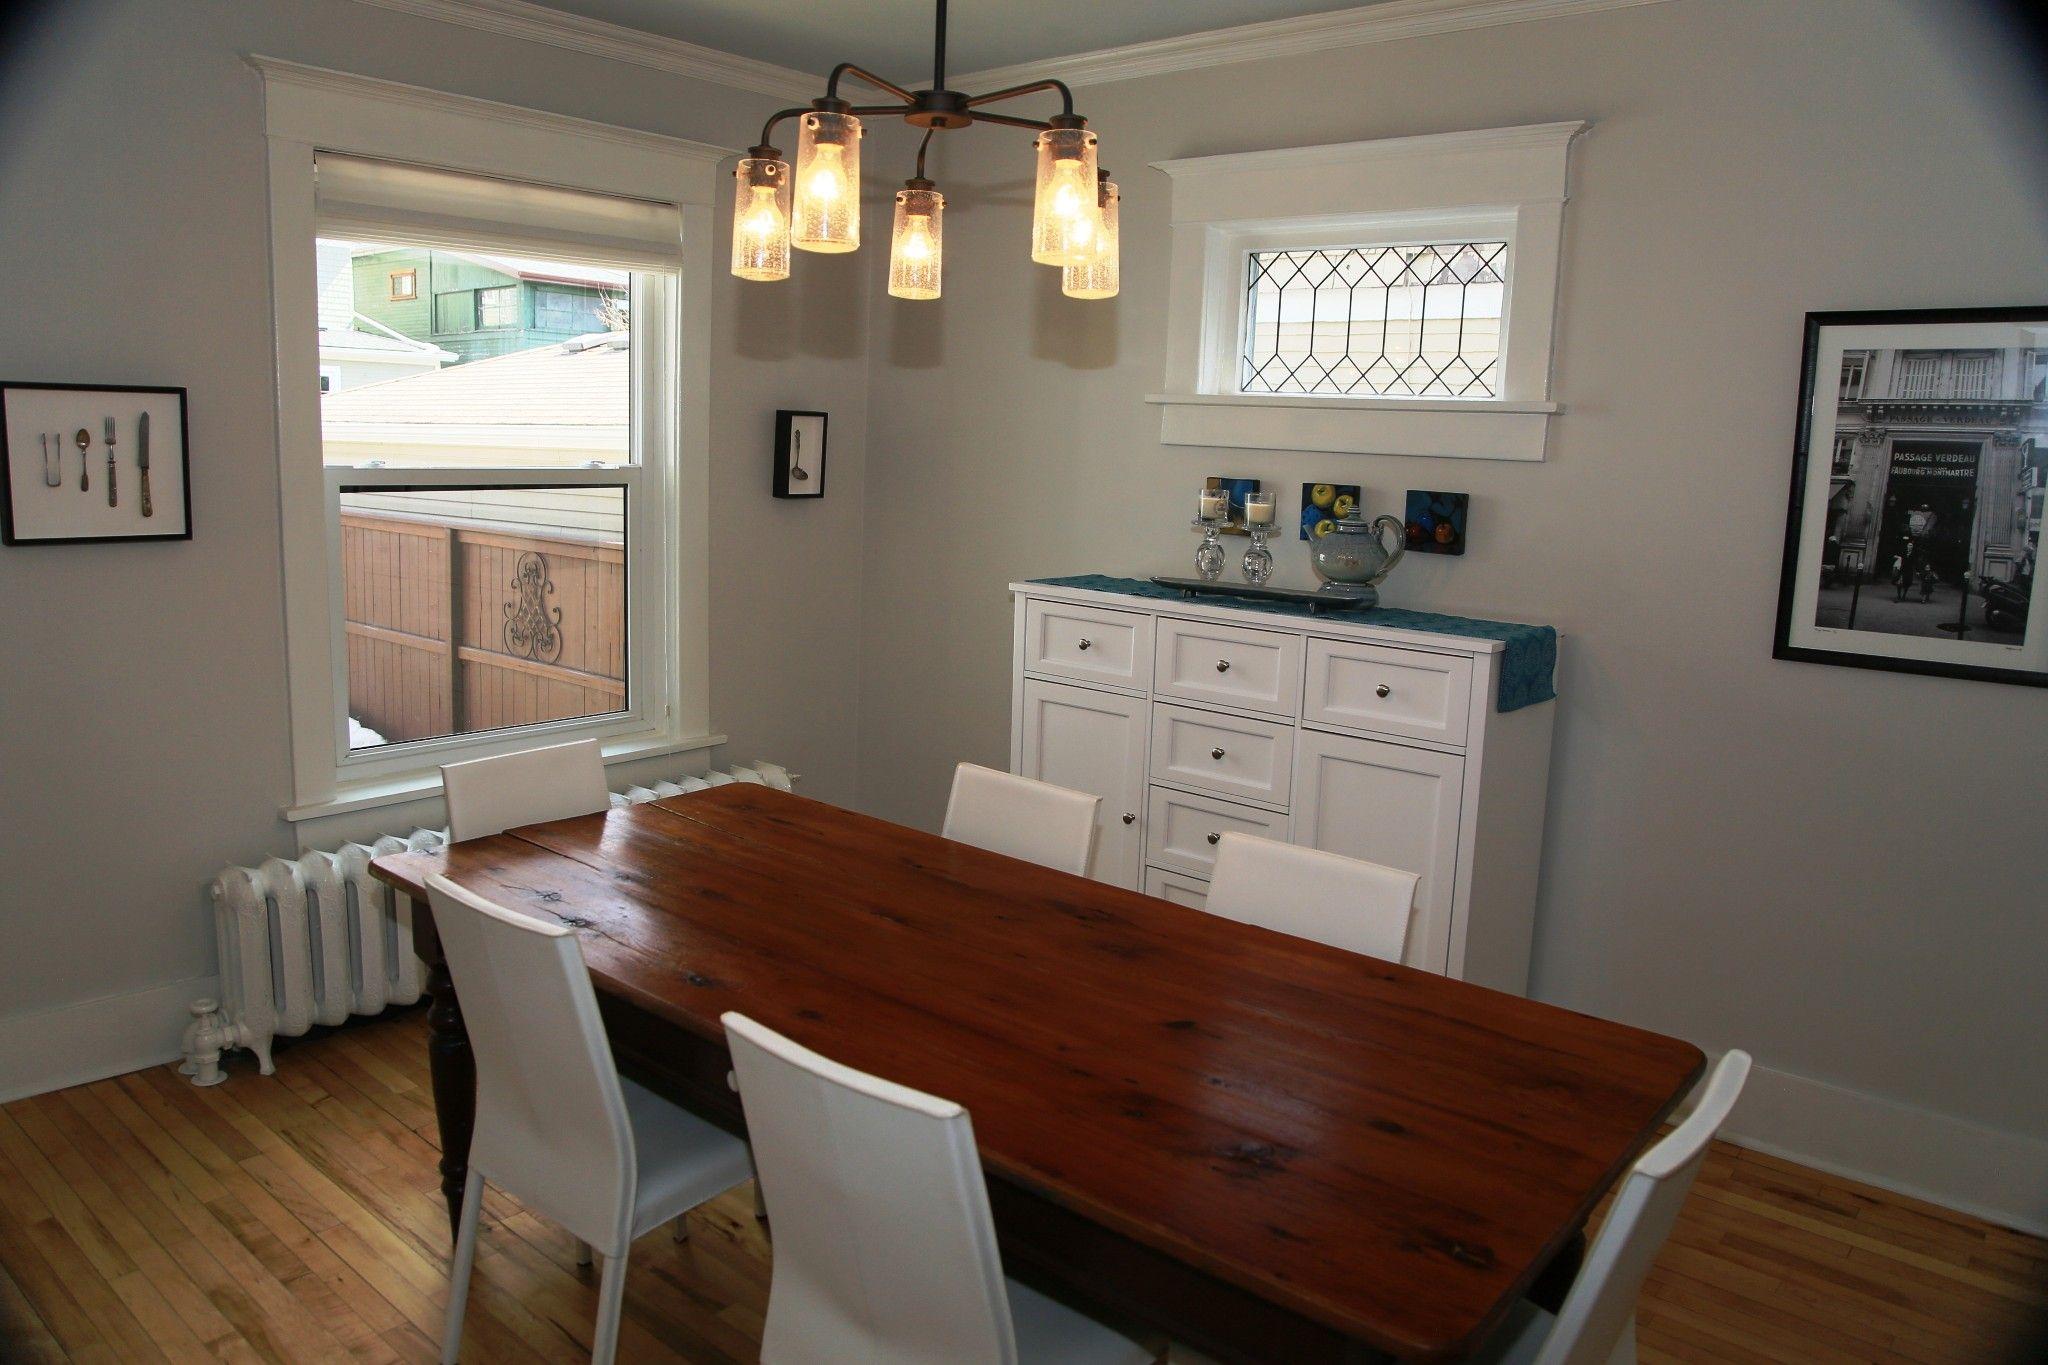 Photo 15: Photos: 121 Ruby Street in Winnipeg: Wolseley Single Family Detached for sale (5B)  : MLS®# 1808798